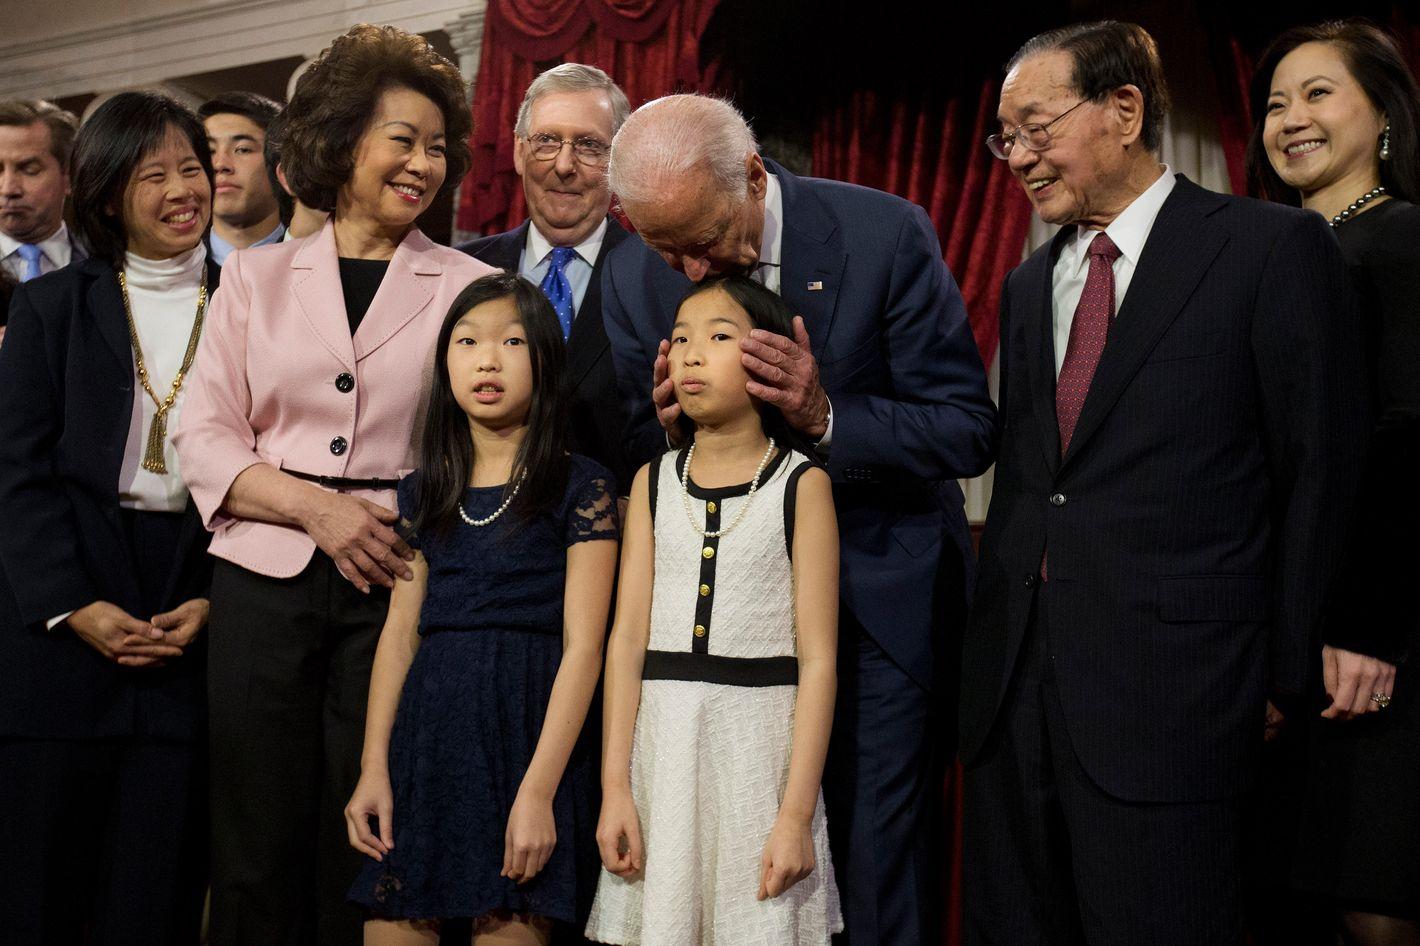 9 Times Joe Biden Creepily Whispered In Women S Ears